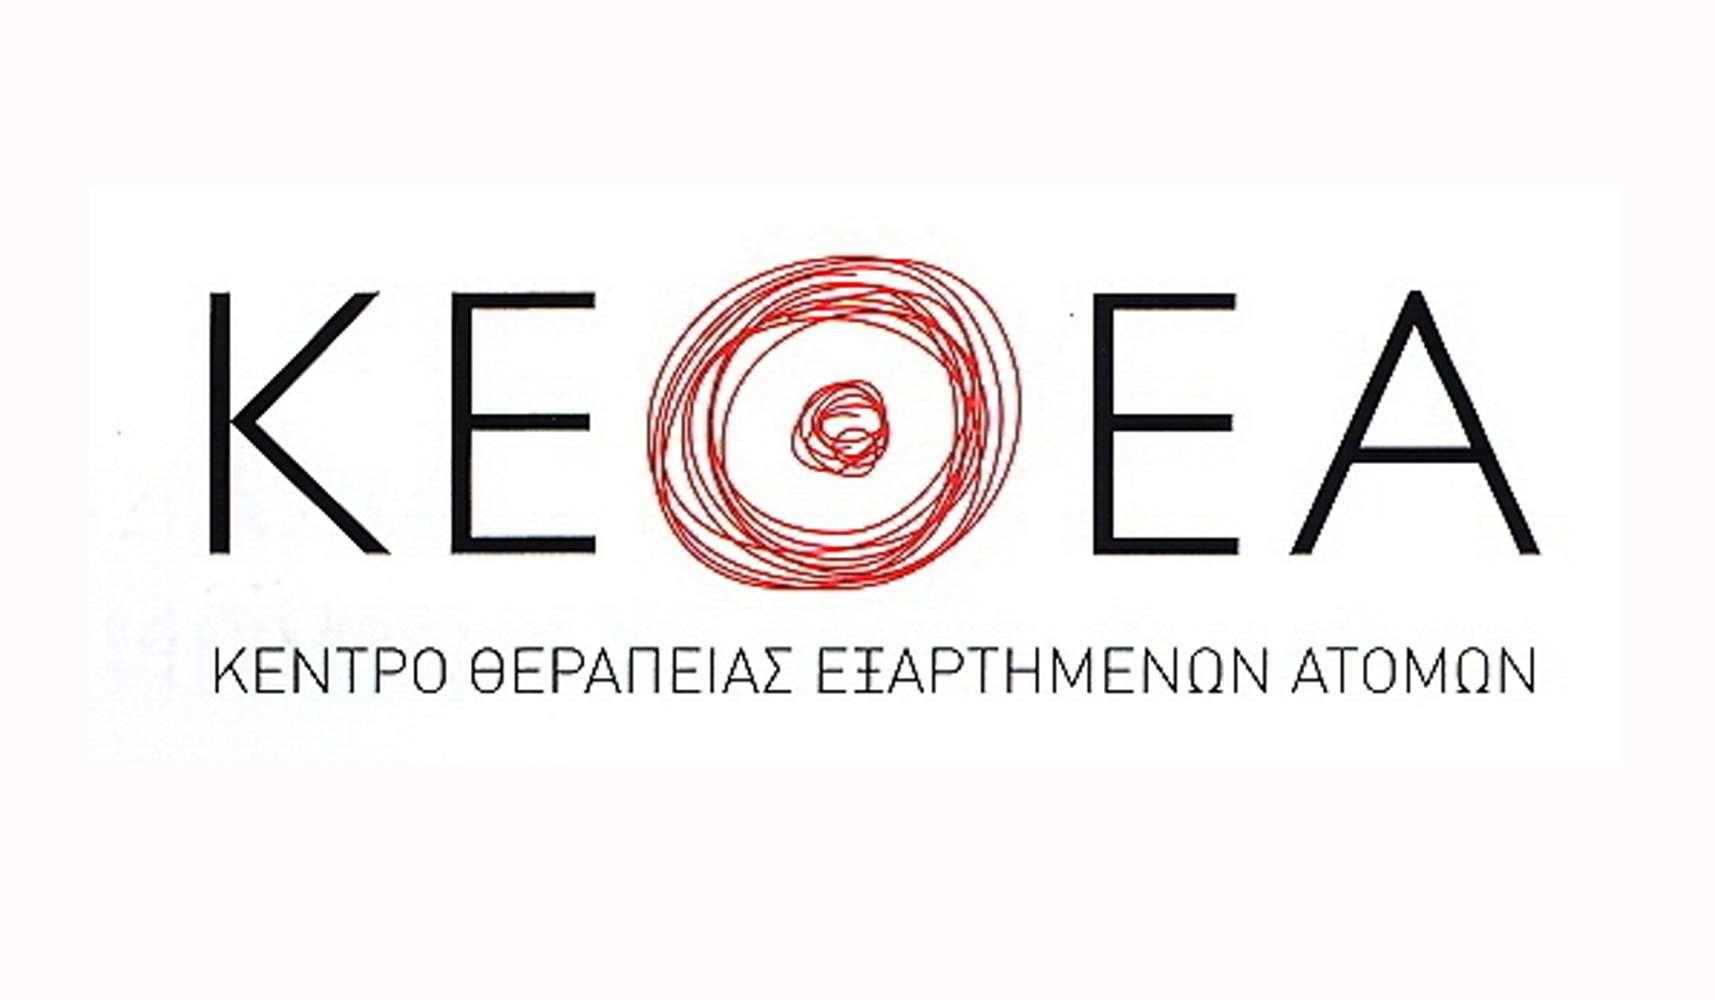 kethea